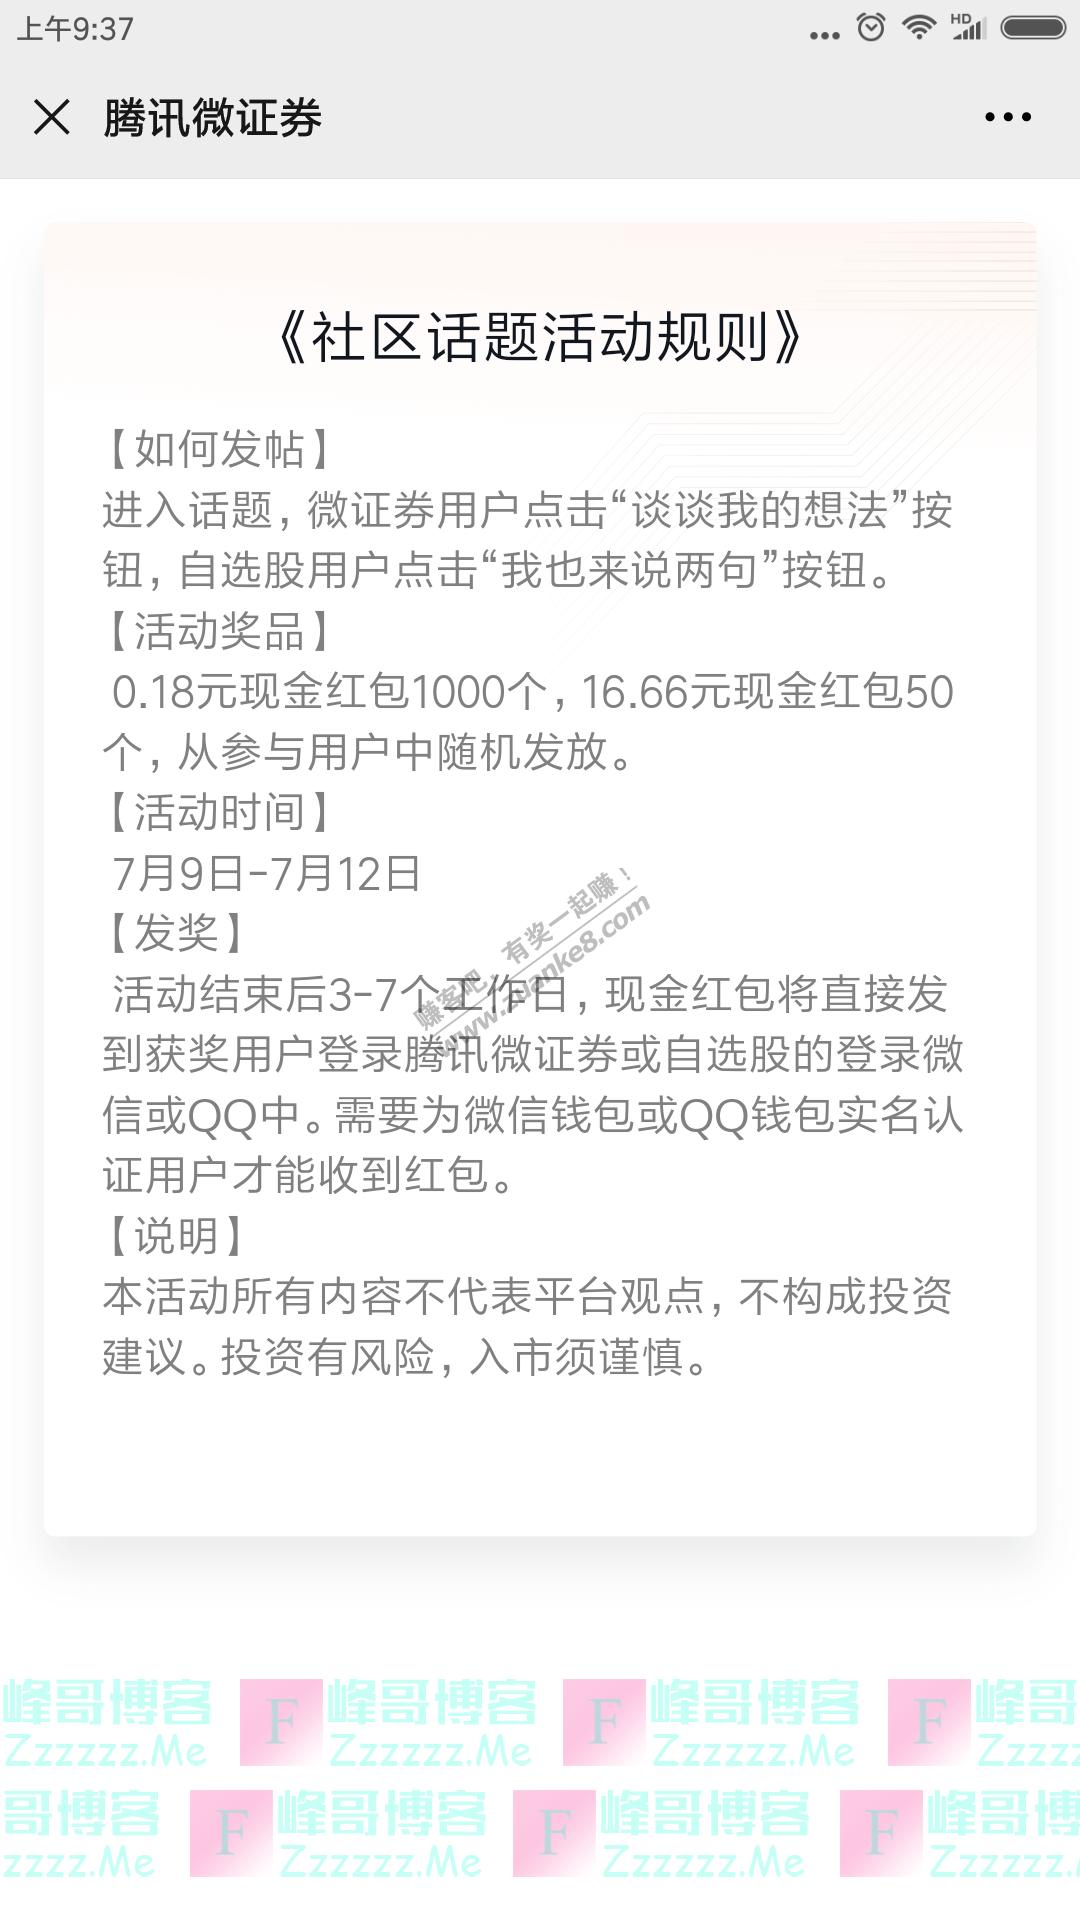 腾讯微证券最高得16.66元 邀您展望牛市行情(7月12日截止)